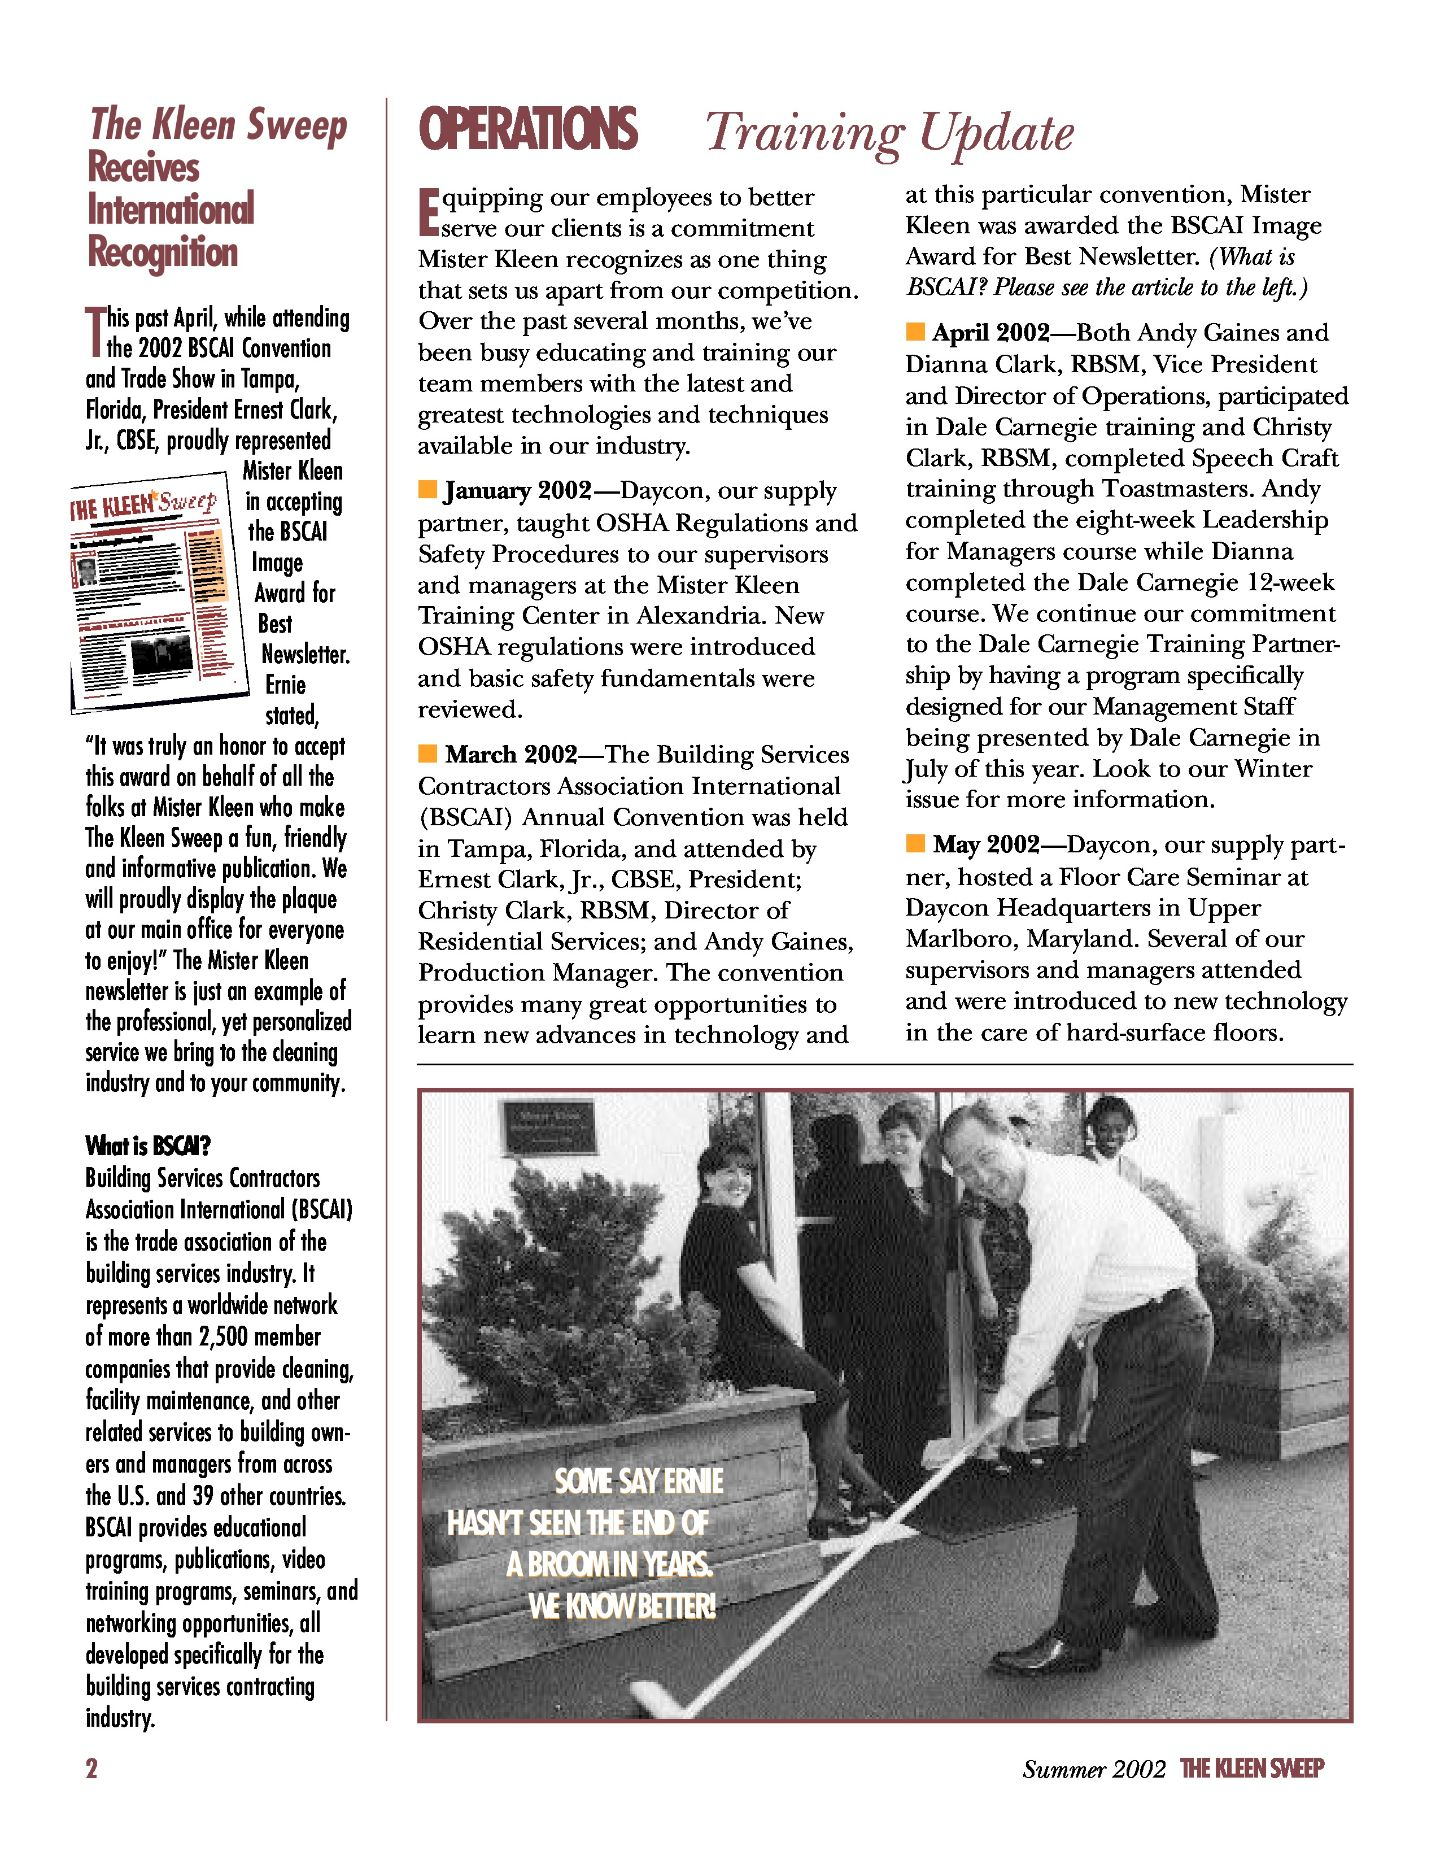 Kleen Sweep Flashback 2002